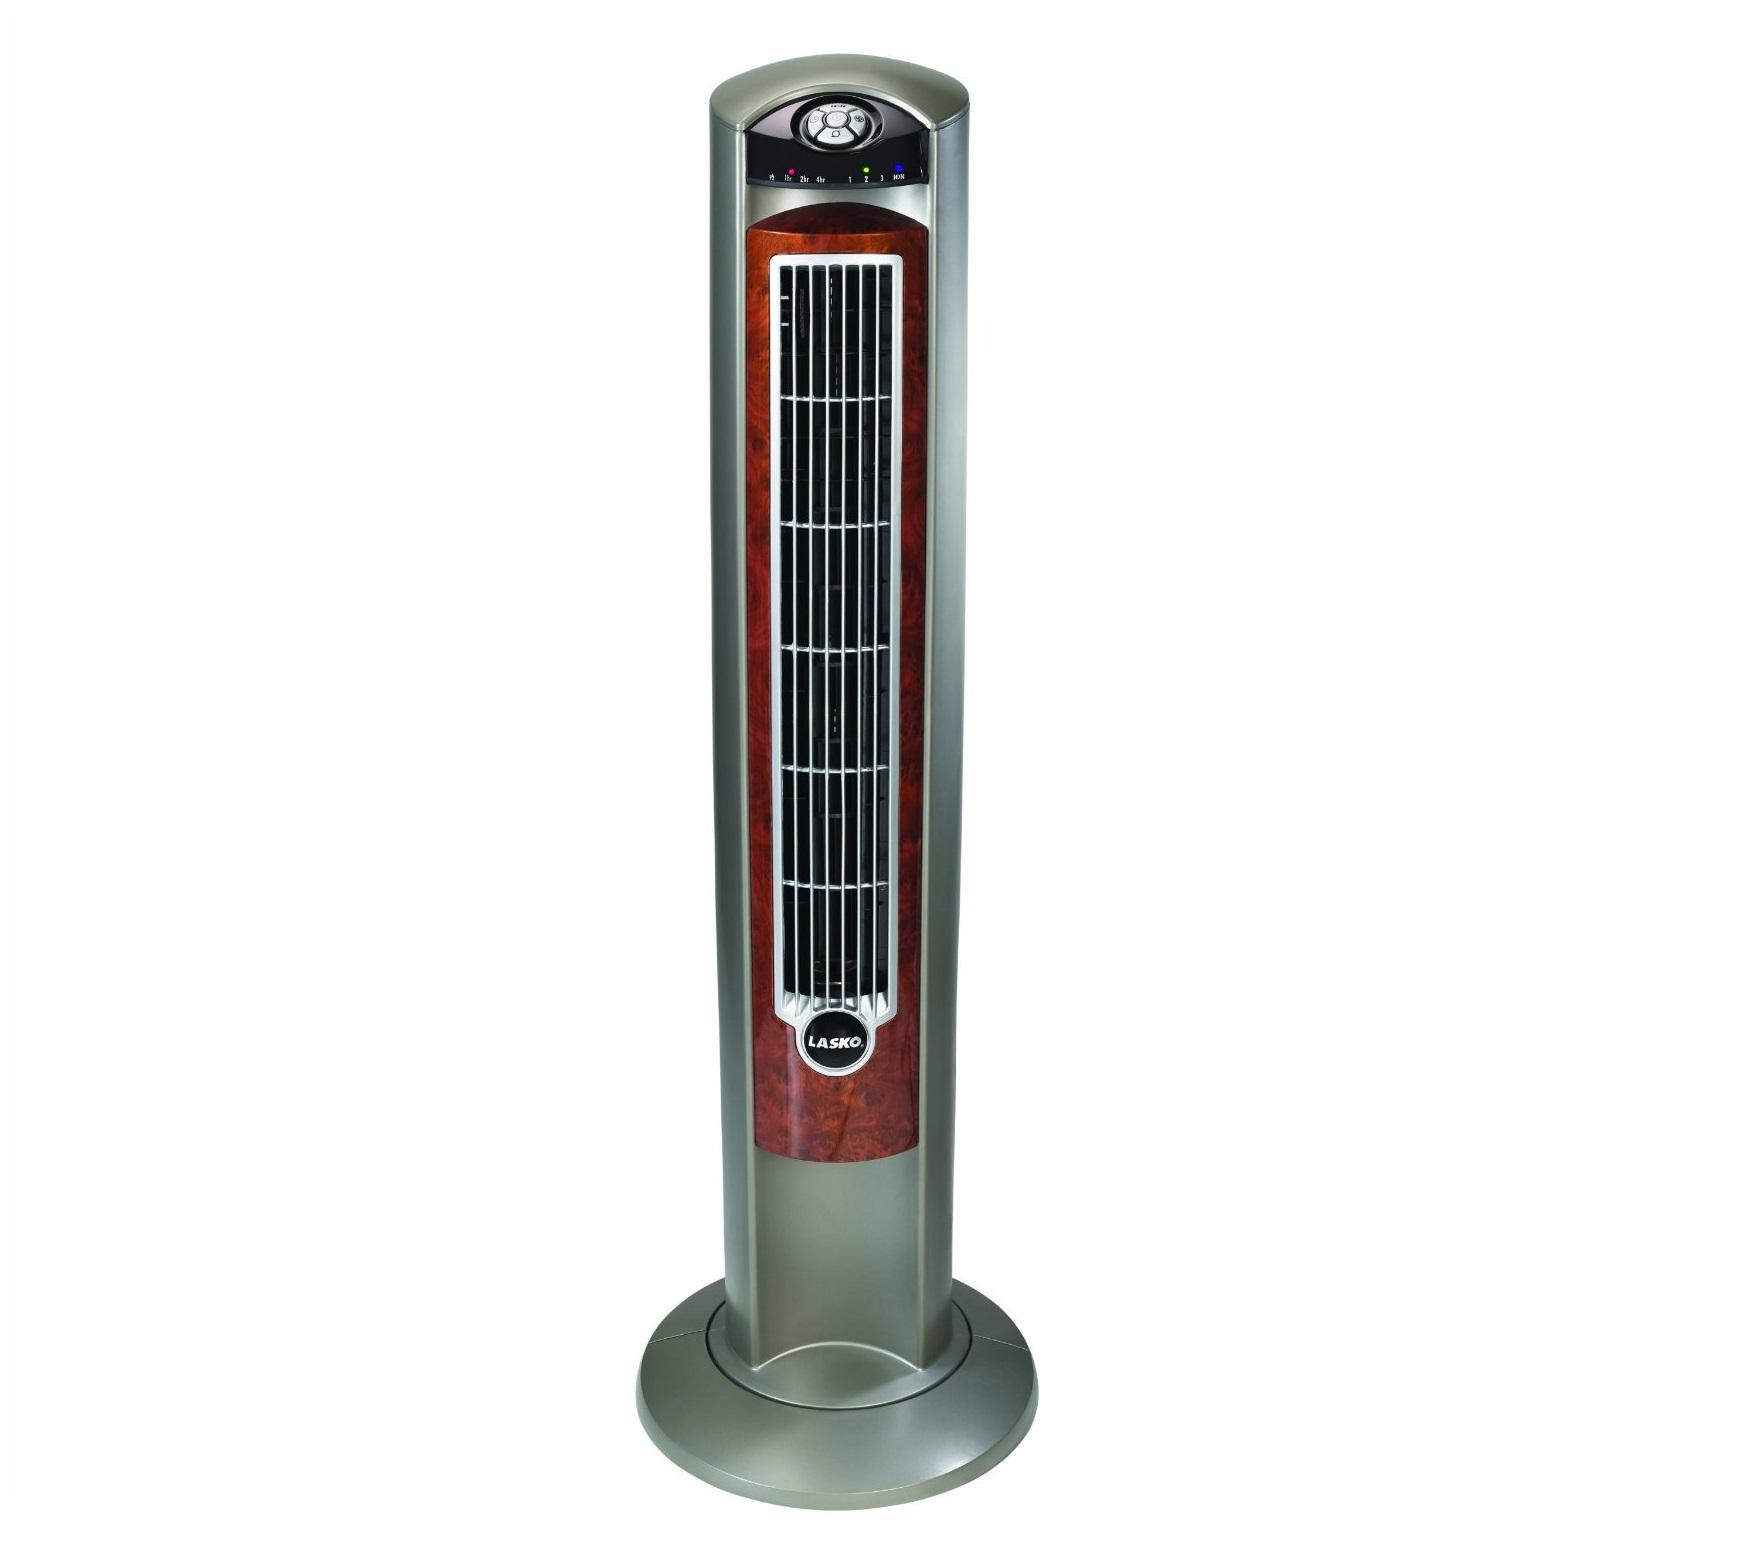 Lasko 2554 42-Inch Wind Curve Fan